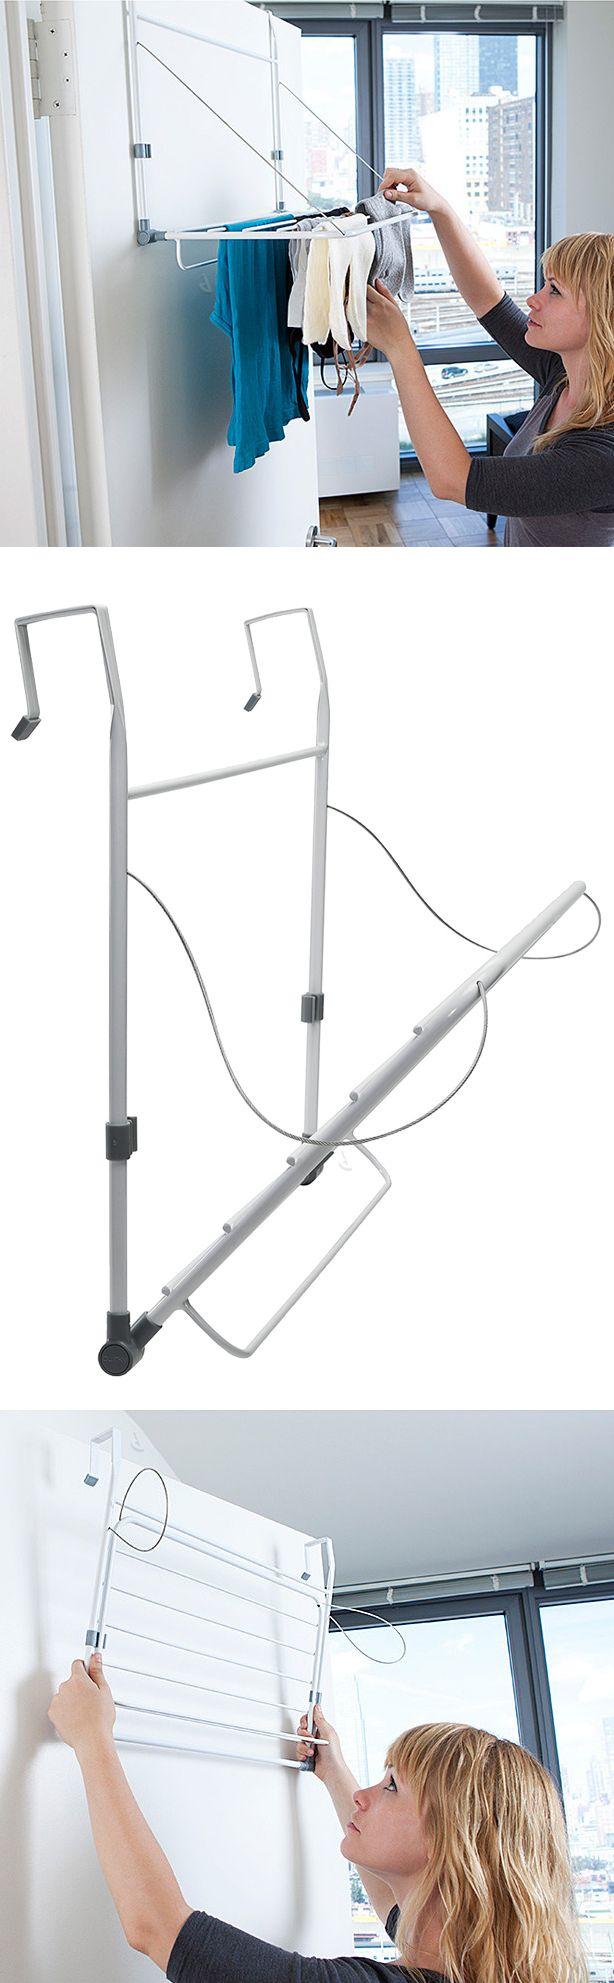 Slimline Over The Door Drying Rack Genius Idea For The